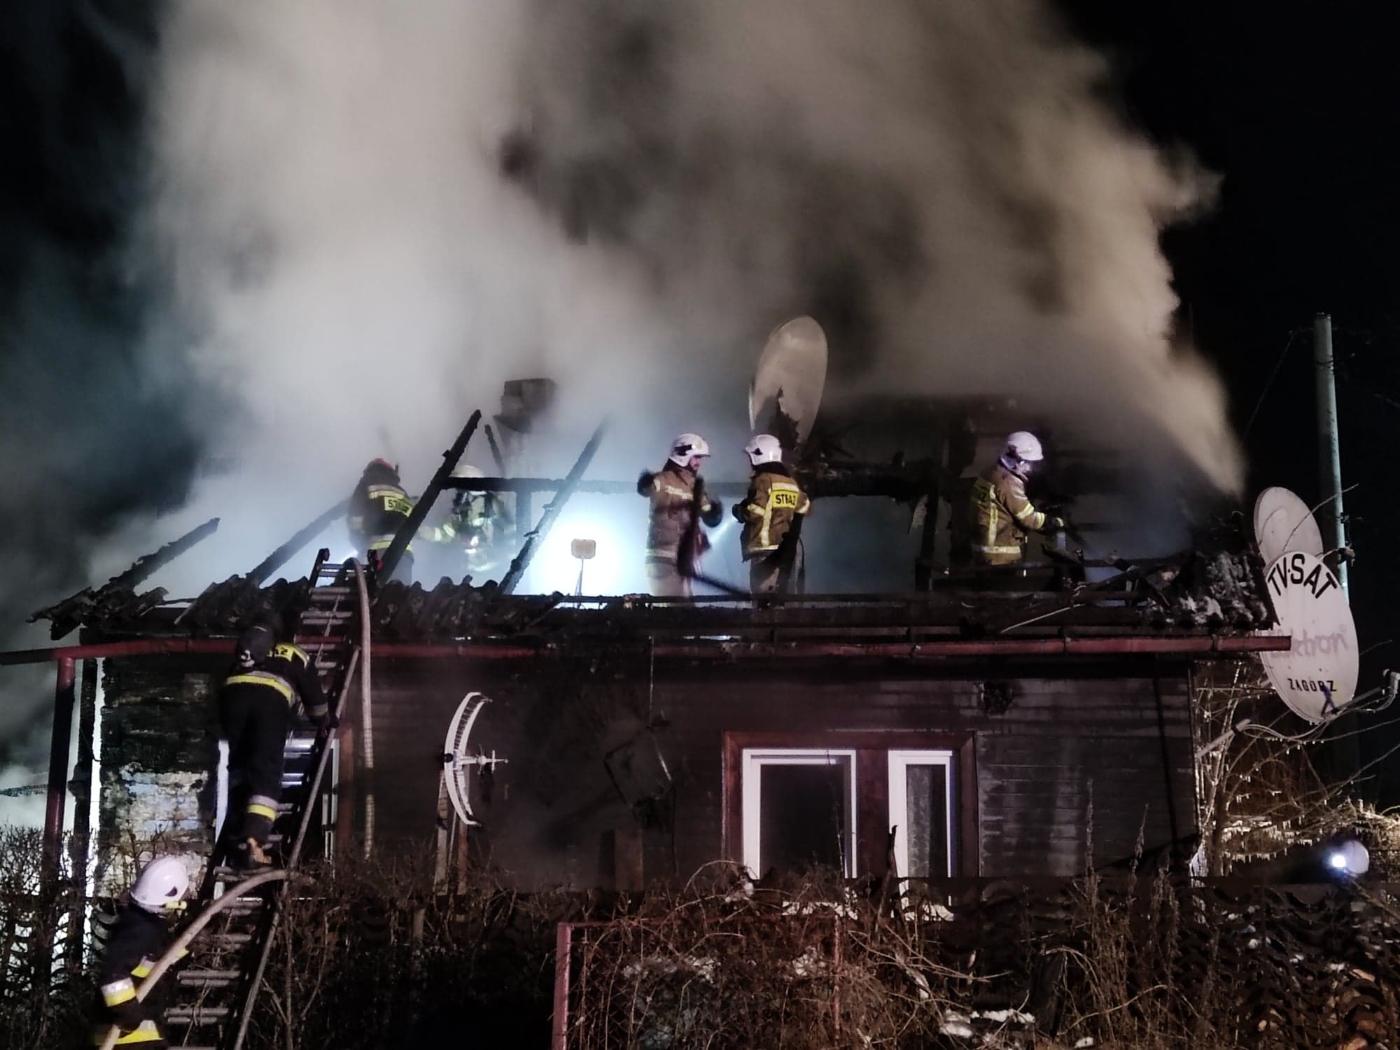 Uciekli z płonącego domu. Potrzebna natychmiastowa pomoc! - Zdjęcie główne